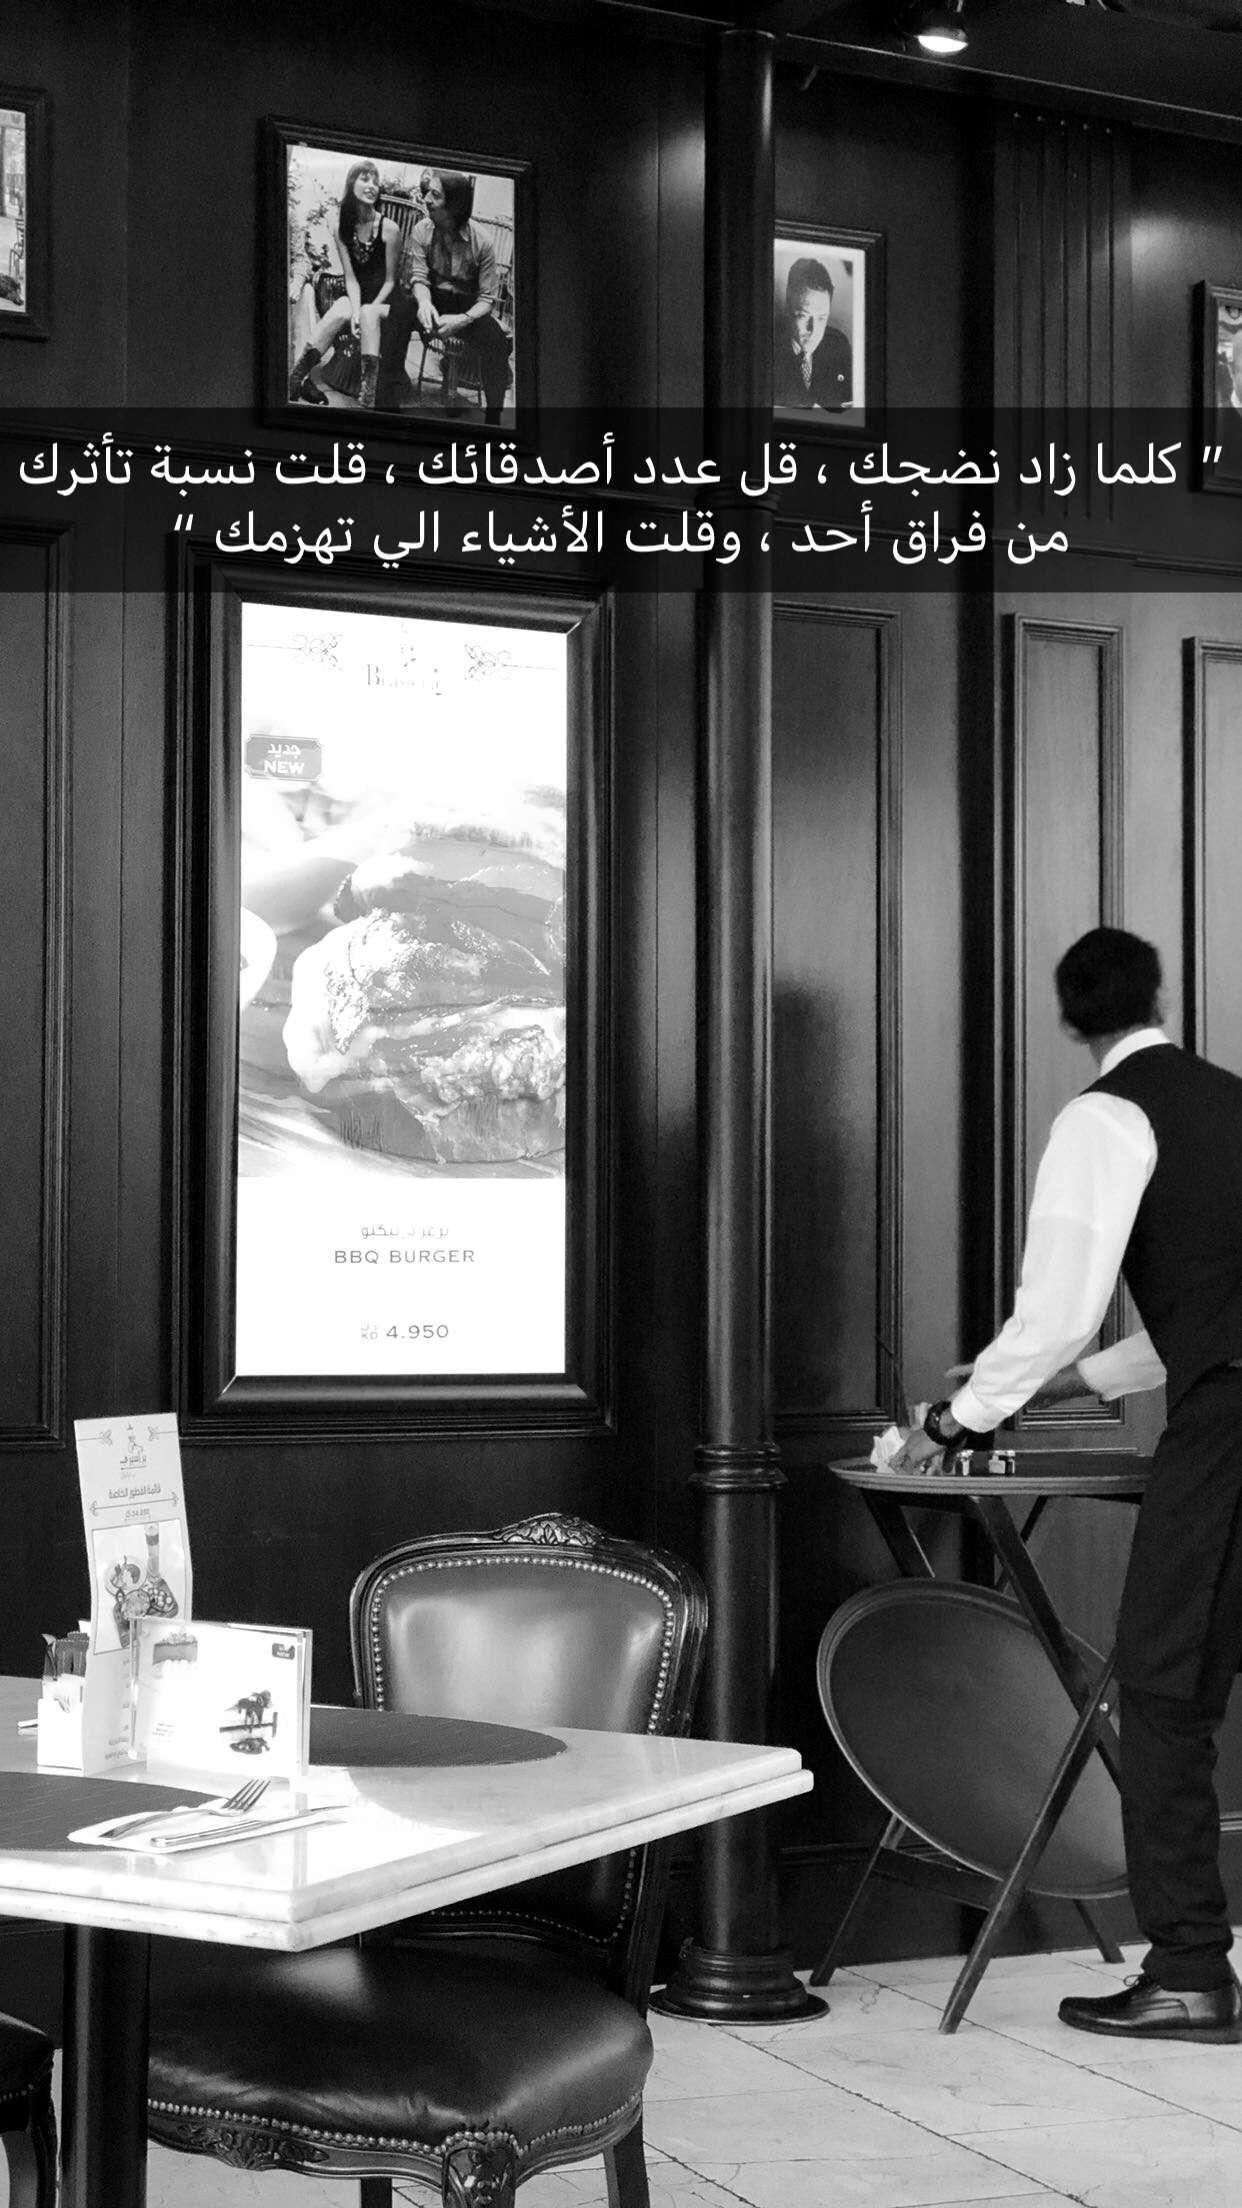 سناب سنابي مطعم كل هالدنيا أماني Arabic Quotes Tattoo Quotes Pictures